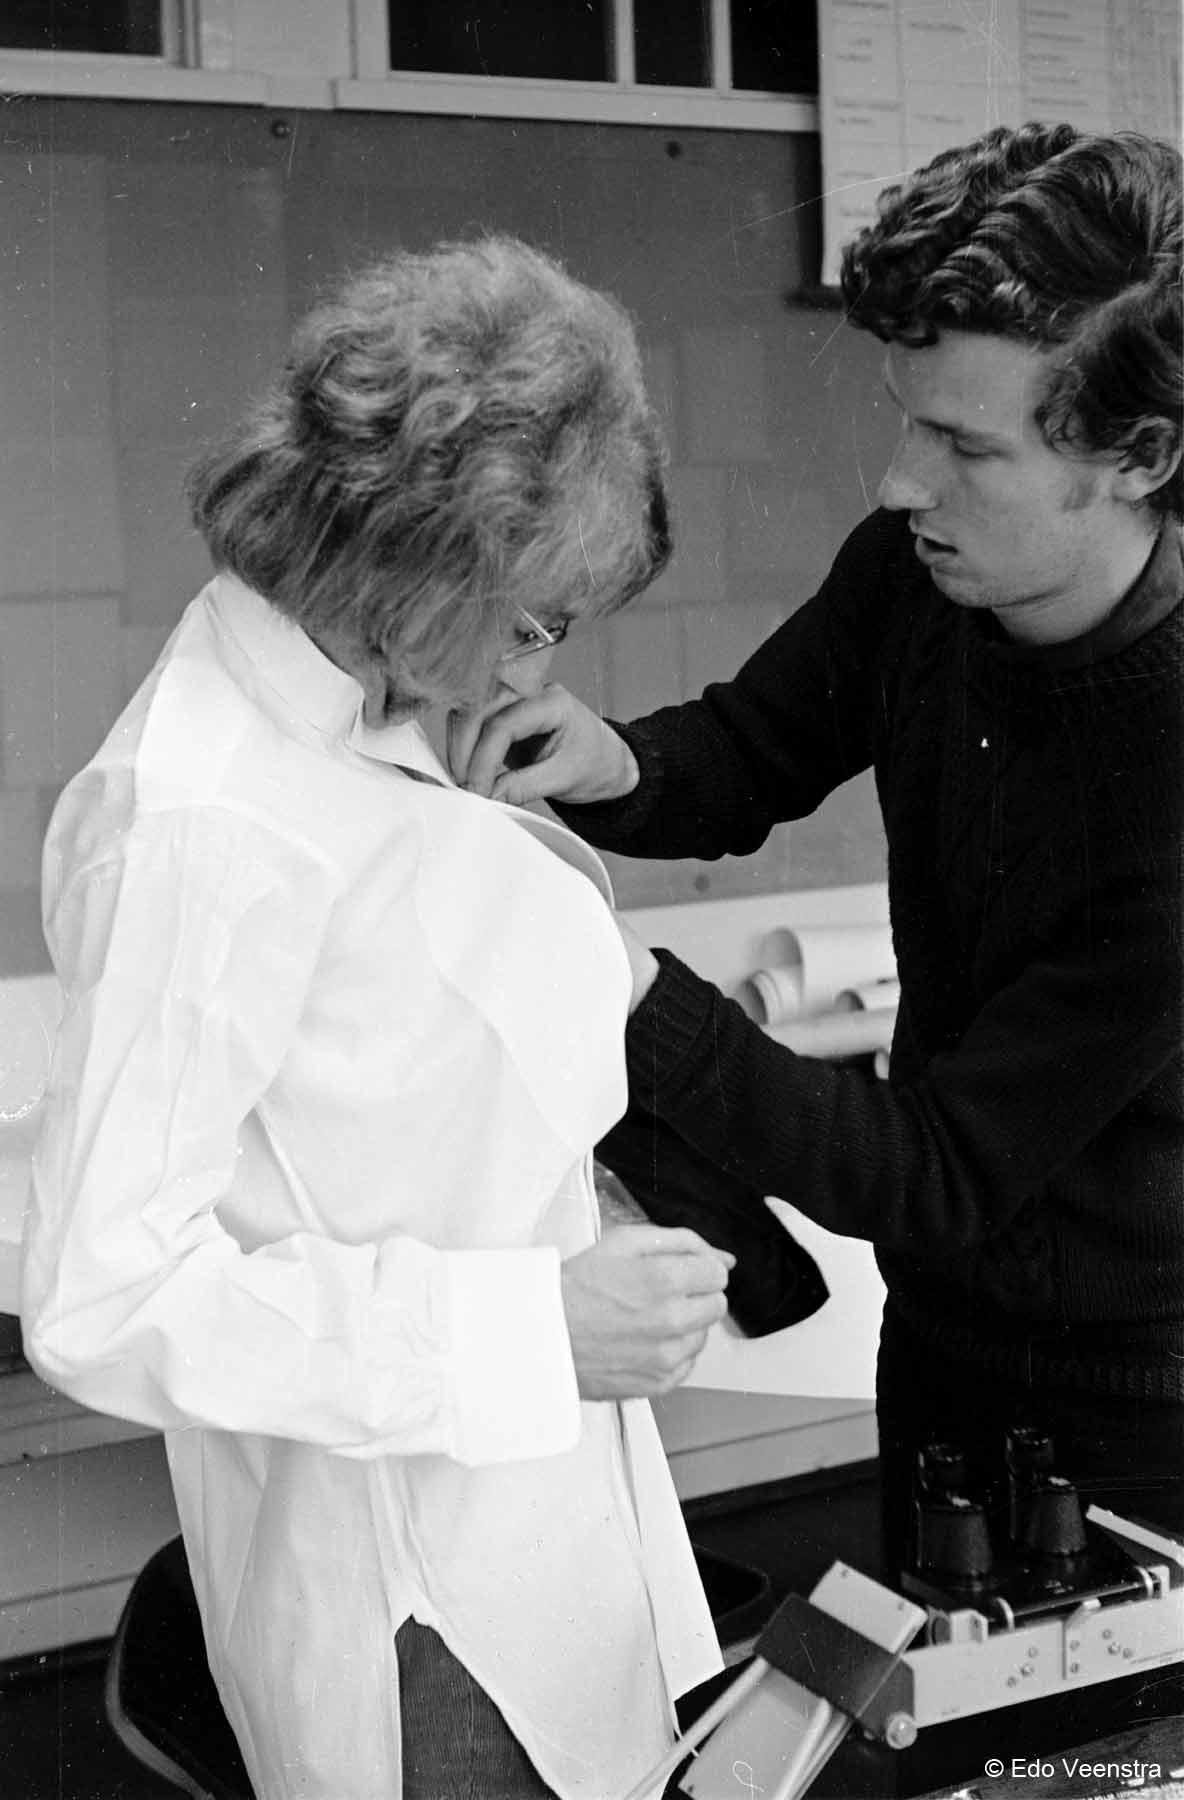 Jan Smit helpt Henk Barelds met zijn pak